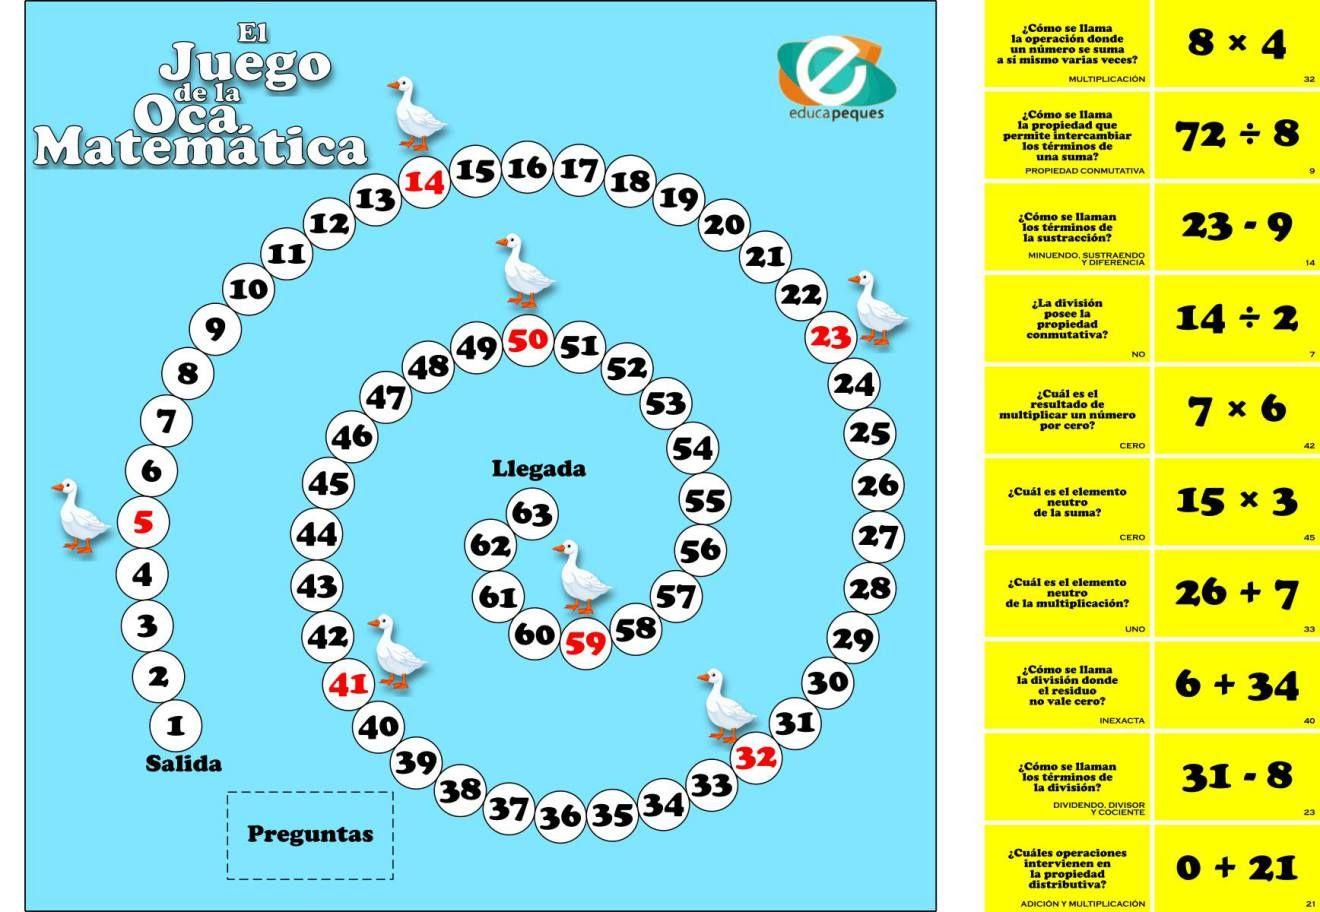 Juego Educativo De Matematicas La Oca Matematica Mates